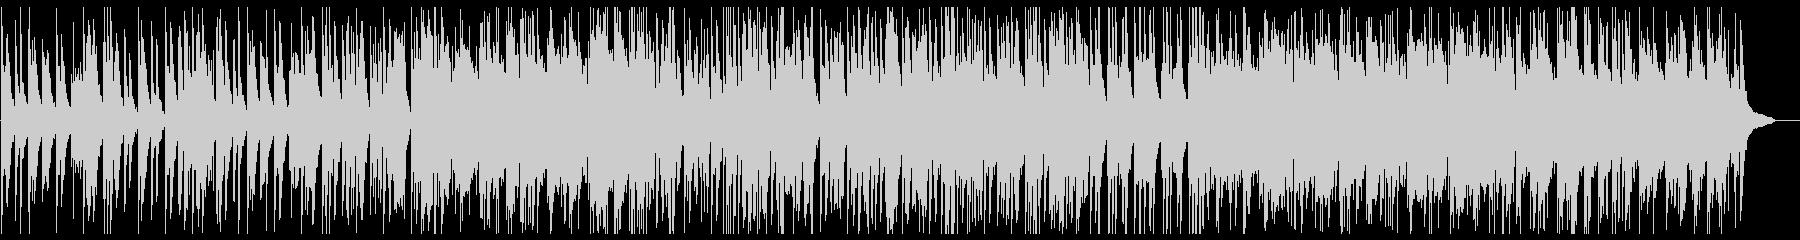 滑らかなスムーズピアノの曲の未再生の波形